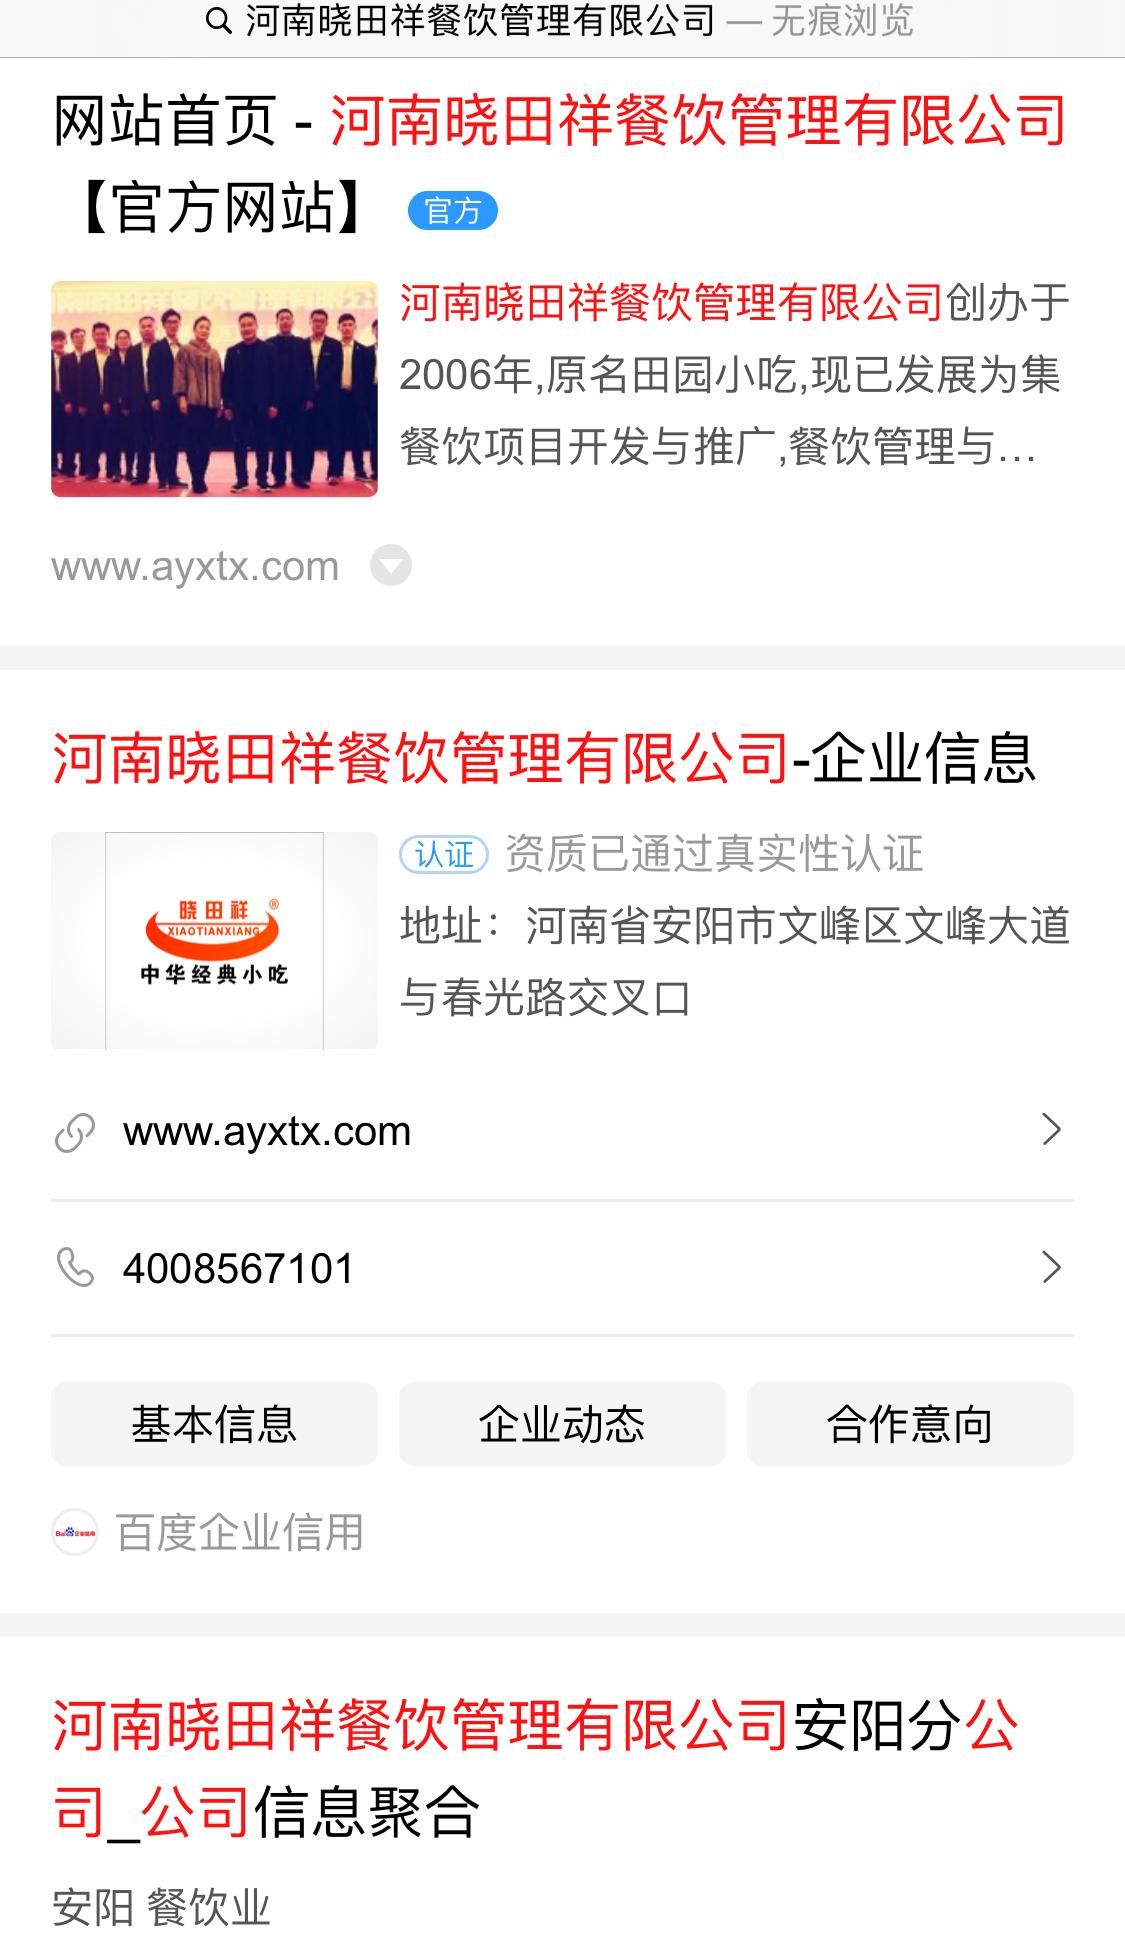 河南晓田祥餐饮管理有限公司